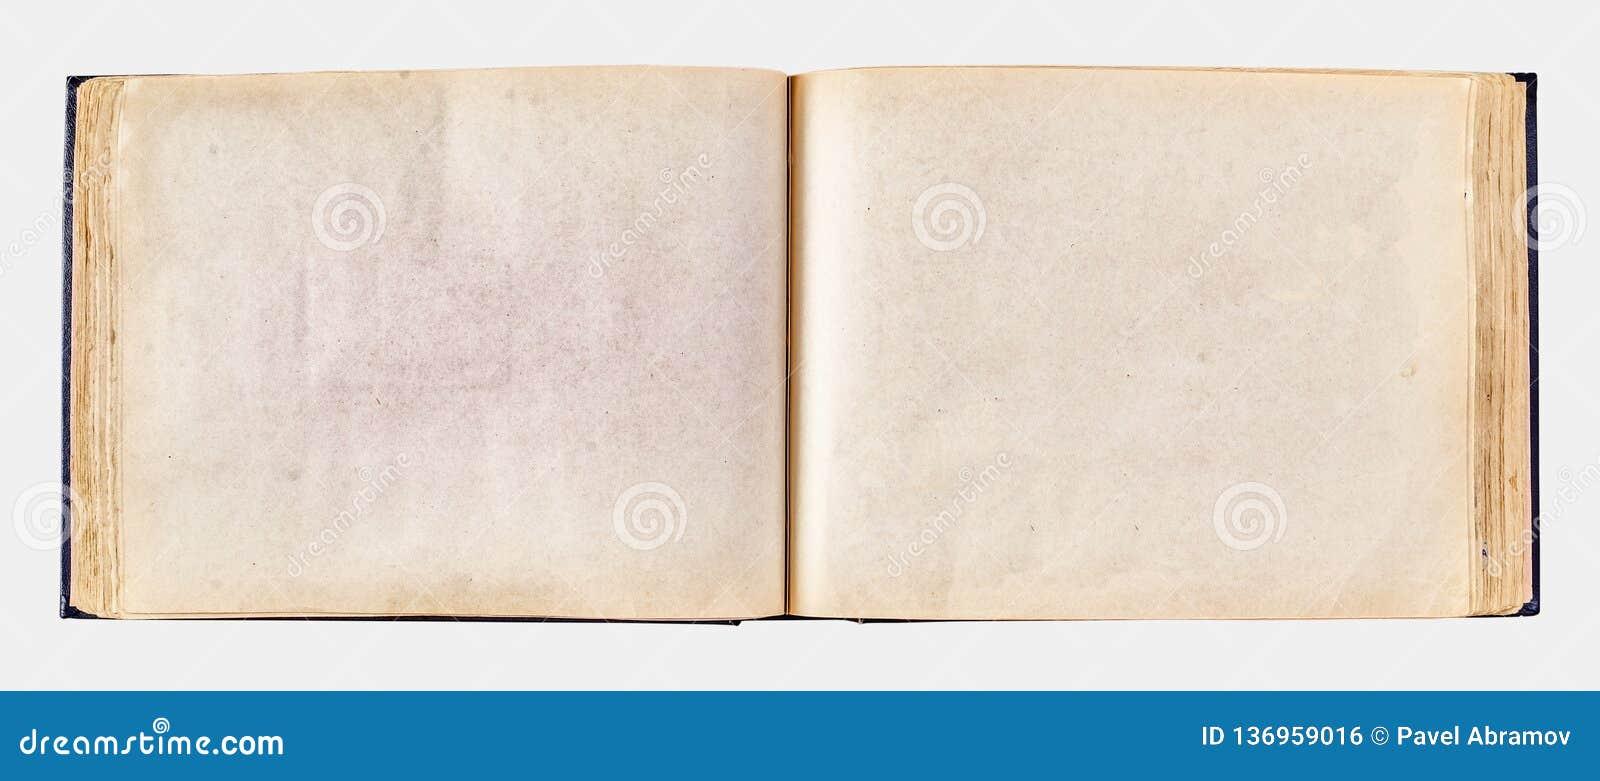 照片的老被染黄的相册